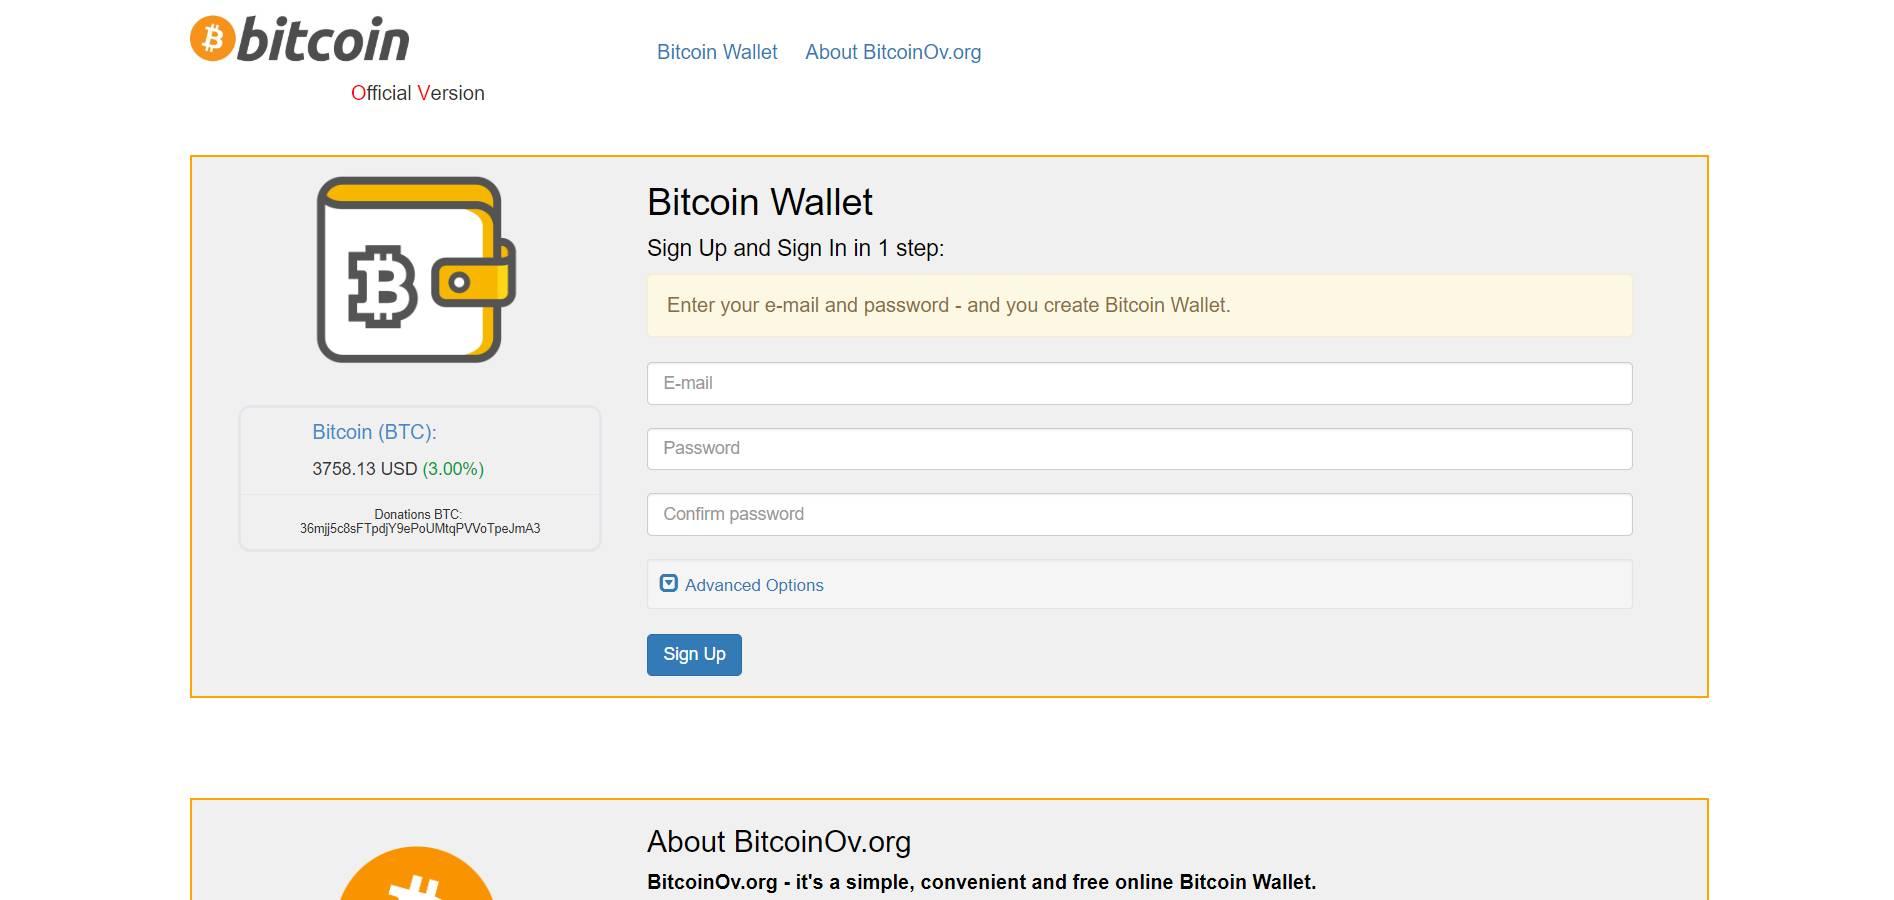 BitcoinOv.org